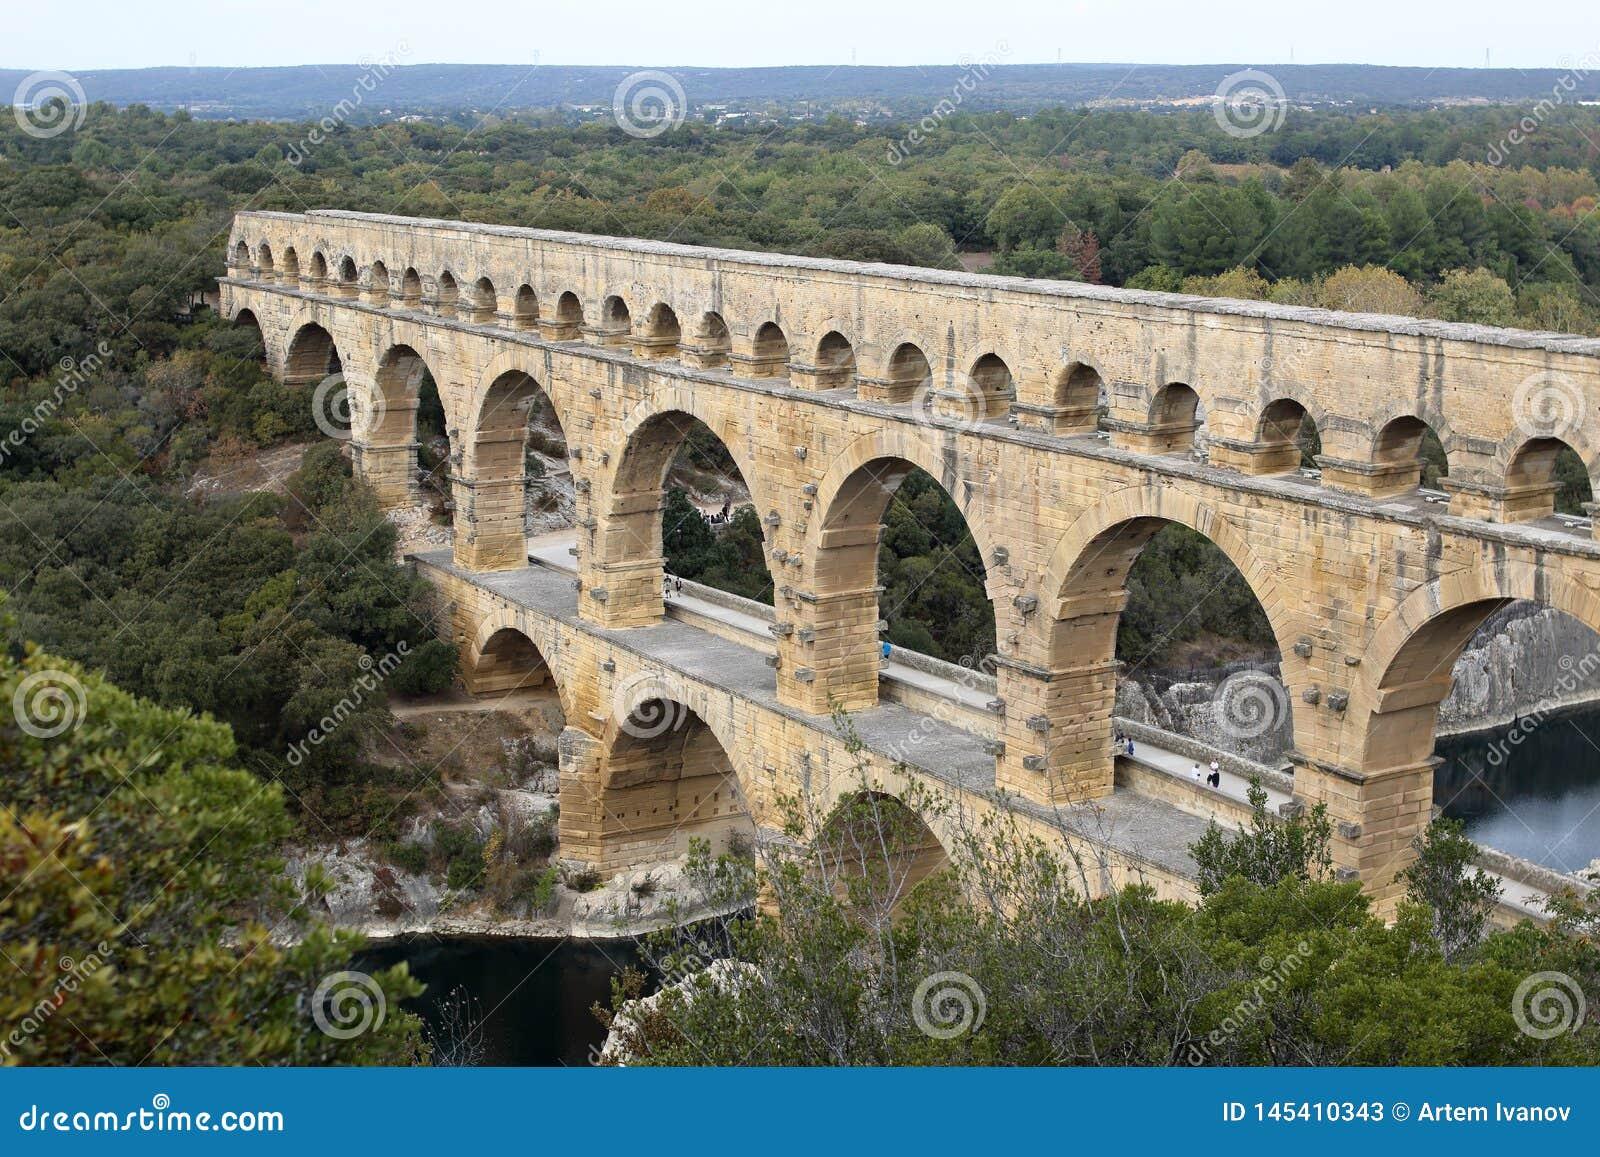 Pont du Gard Vista amplia del acueducto romano antiguo